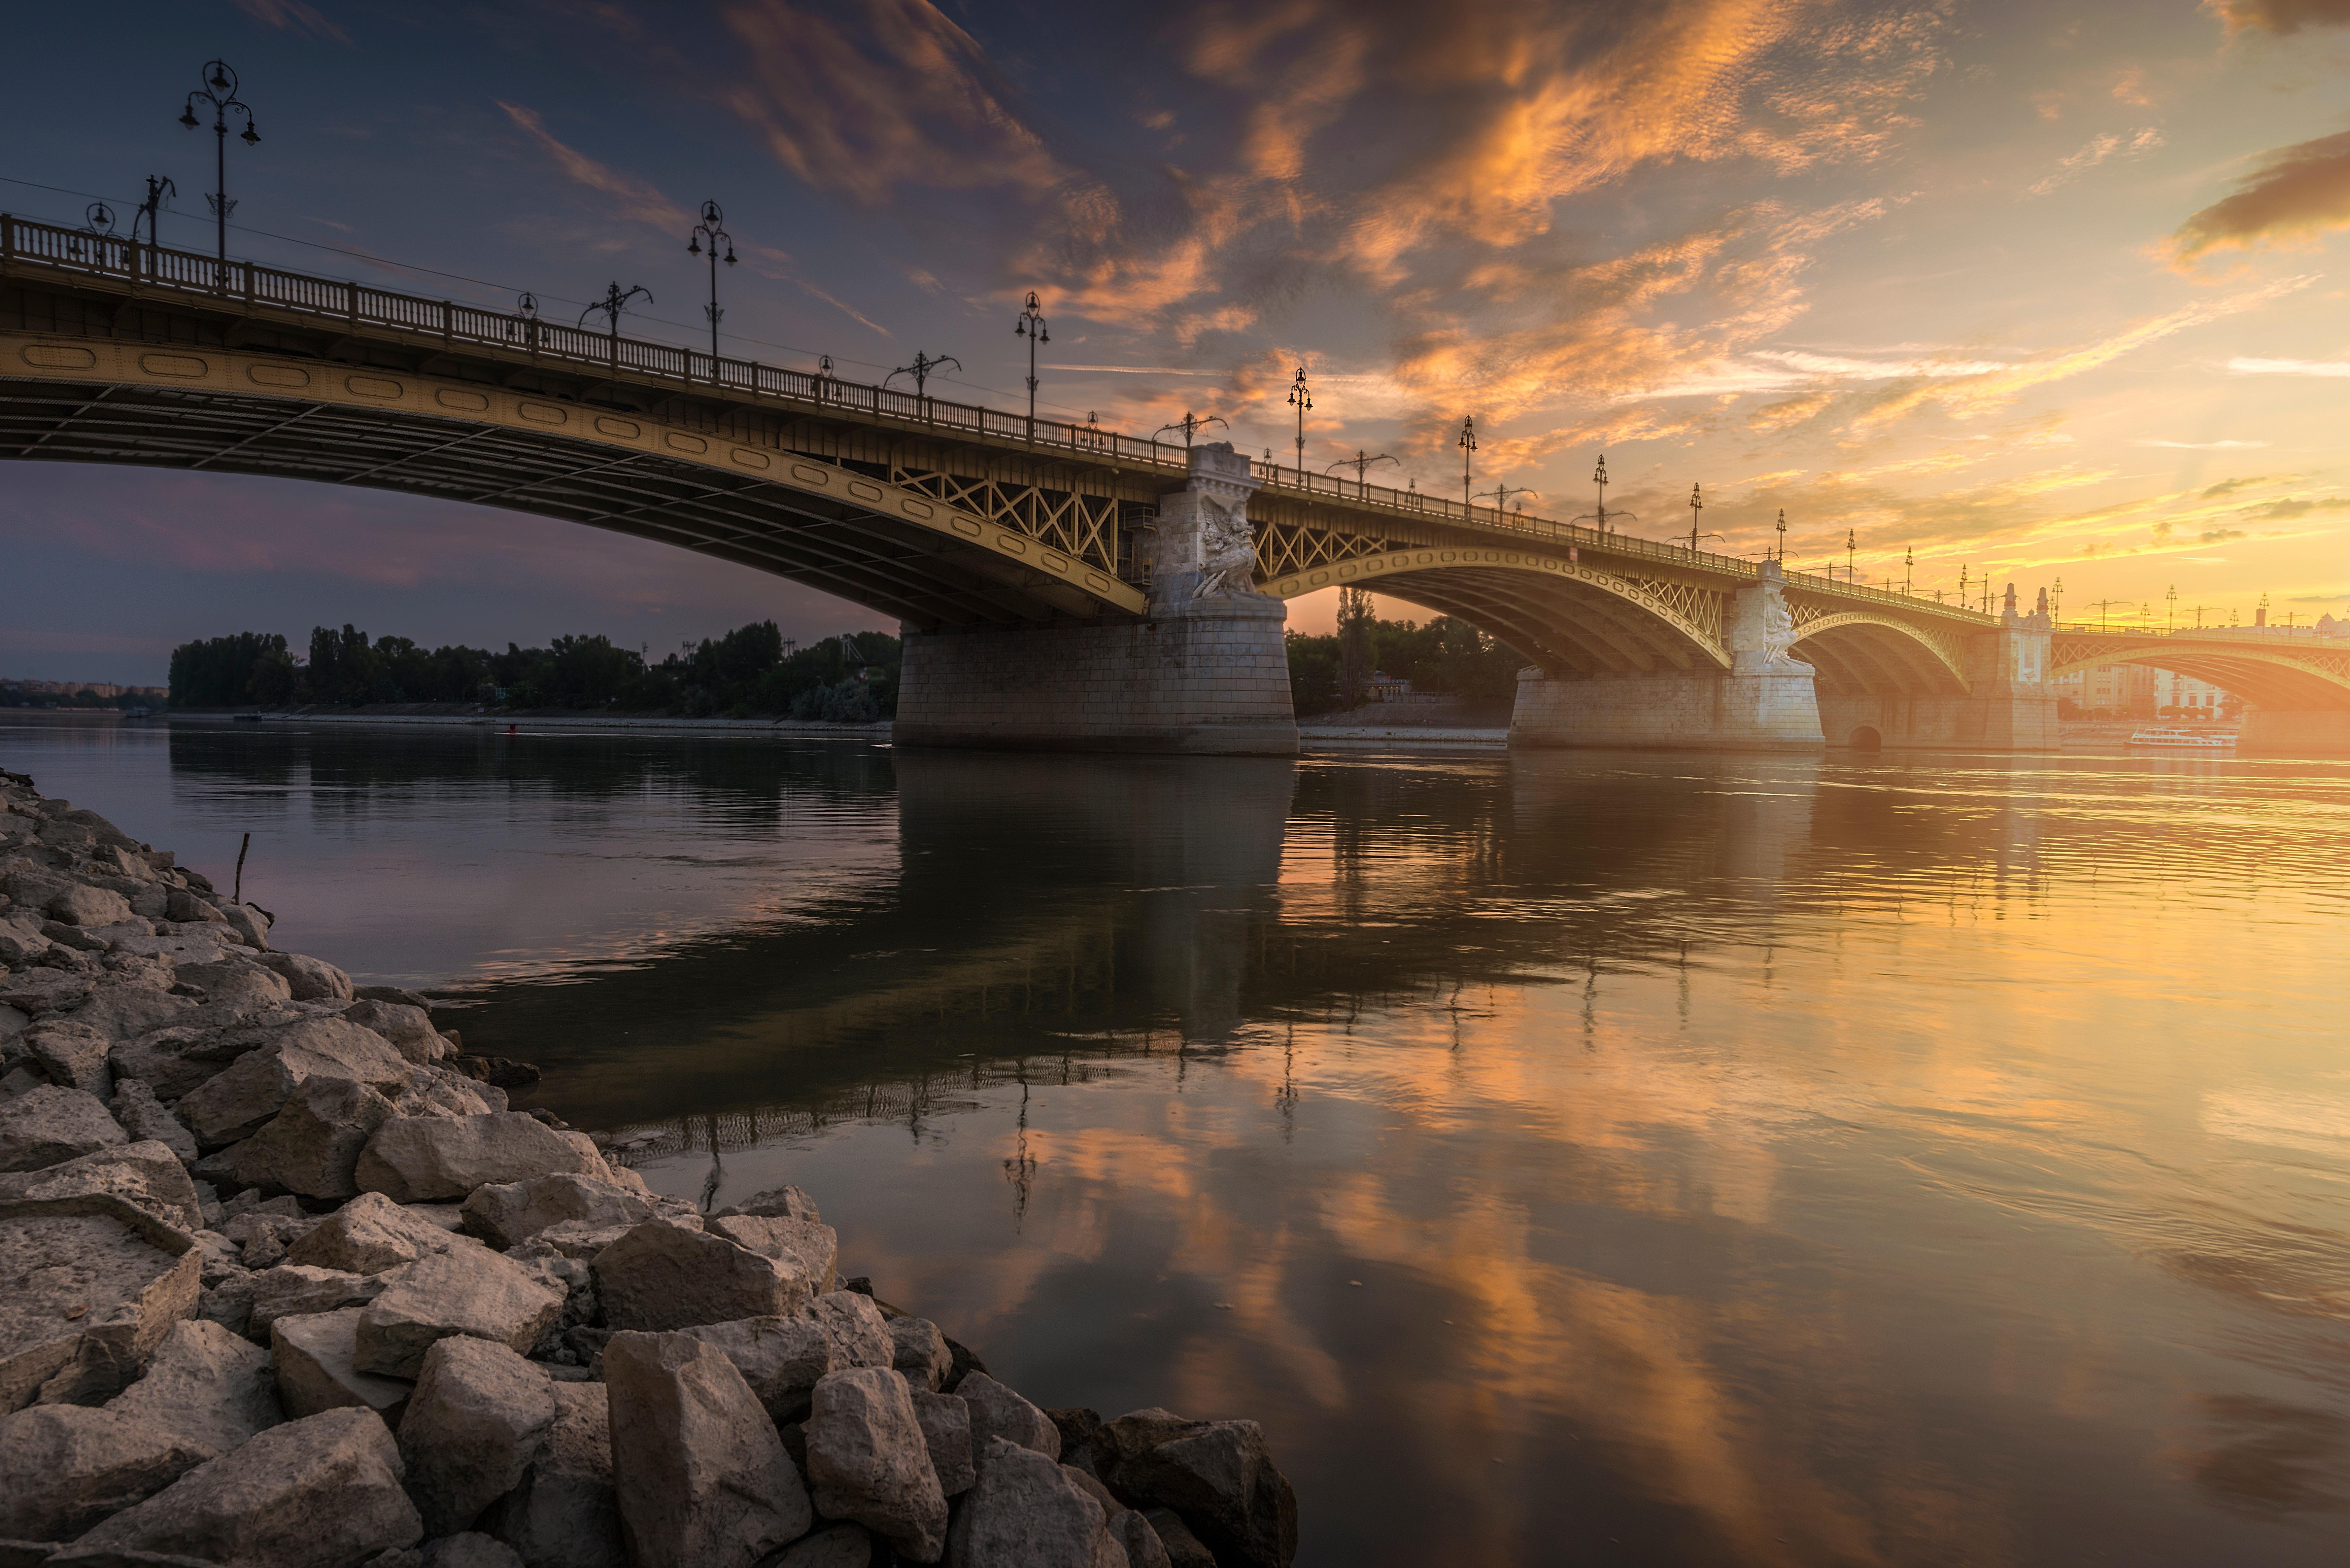 фотографировать рассвет с моста газосиликатных блоков